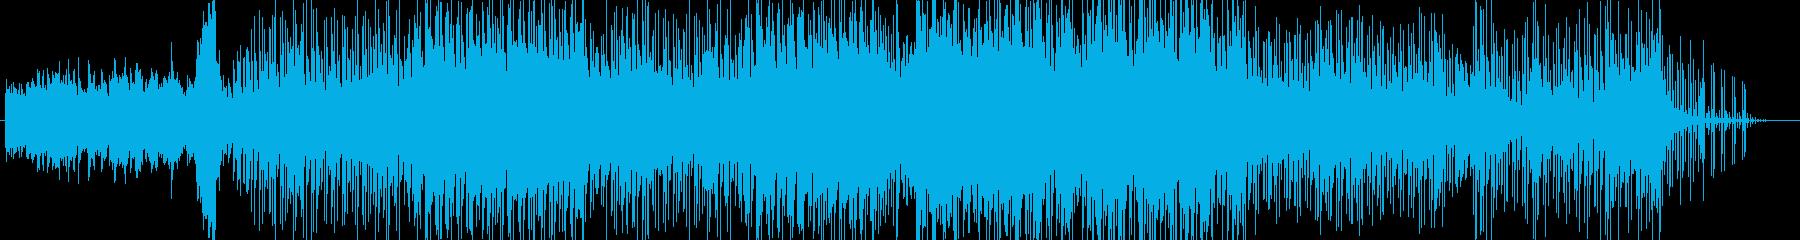 切なさと静寂のピアノバラードの再生済みの波形